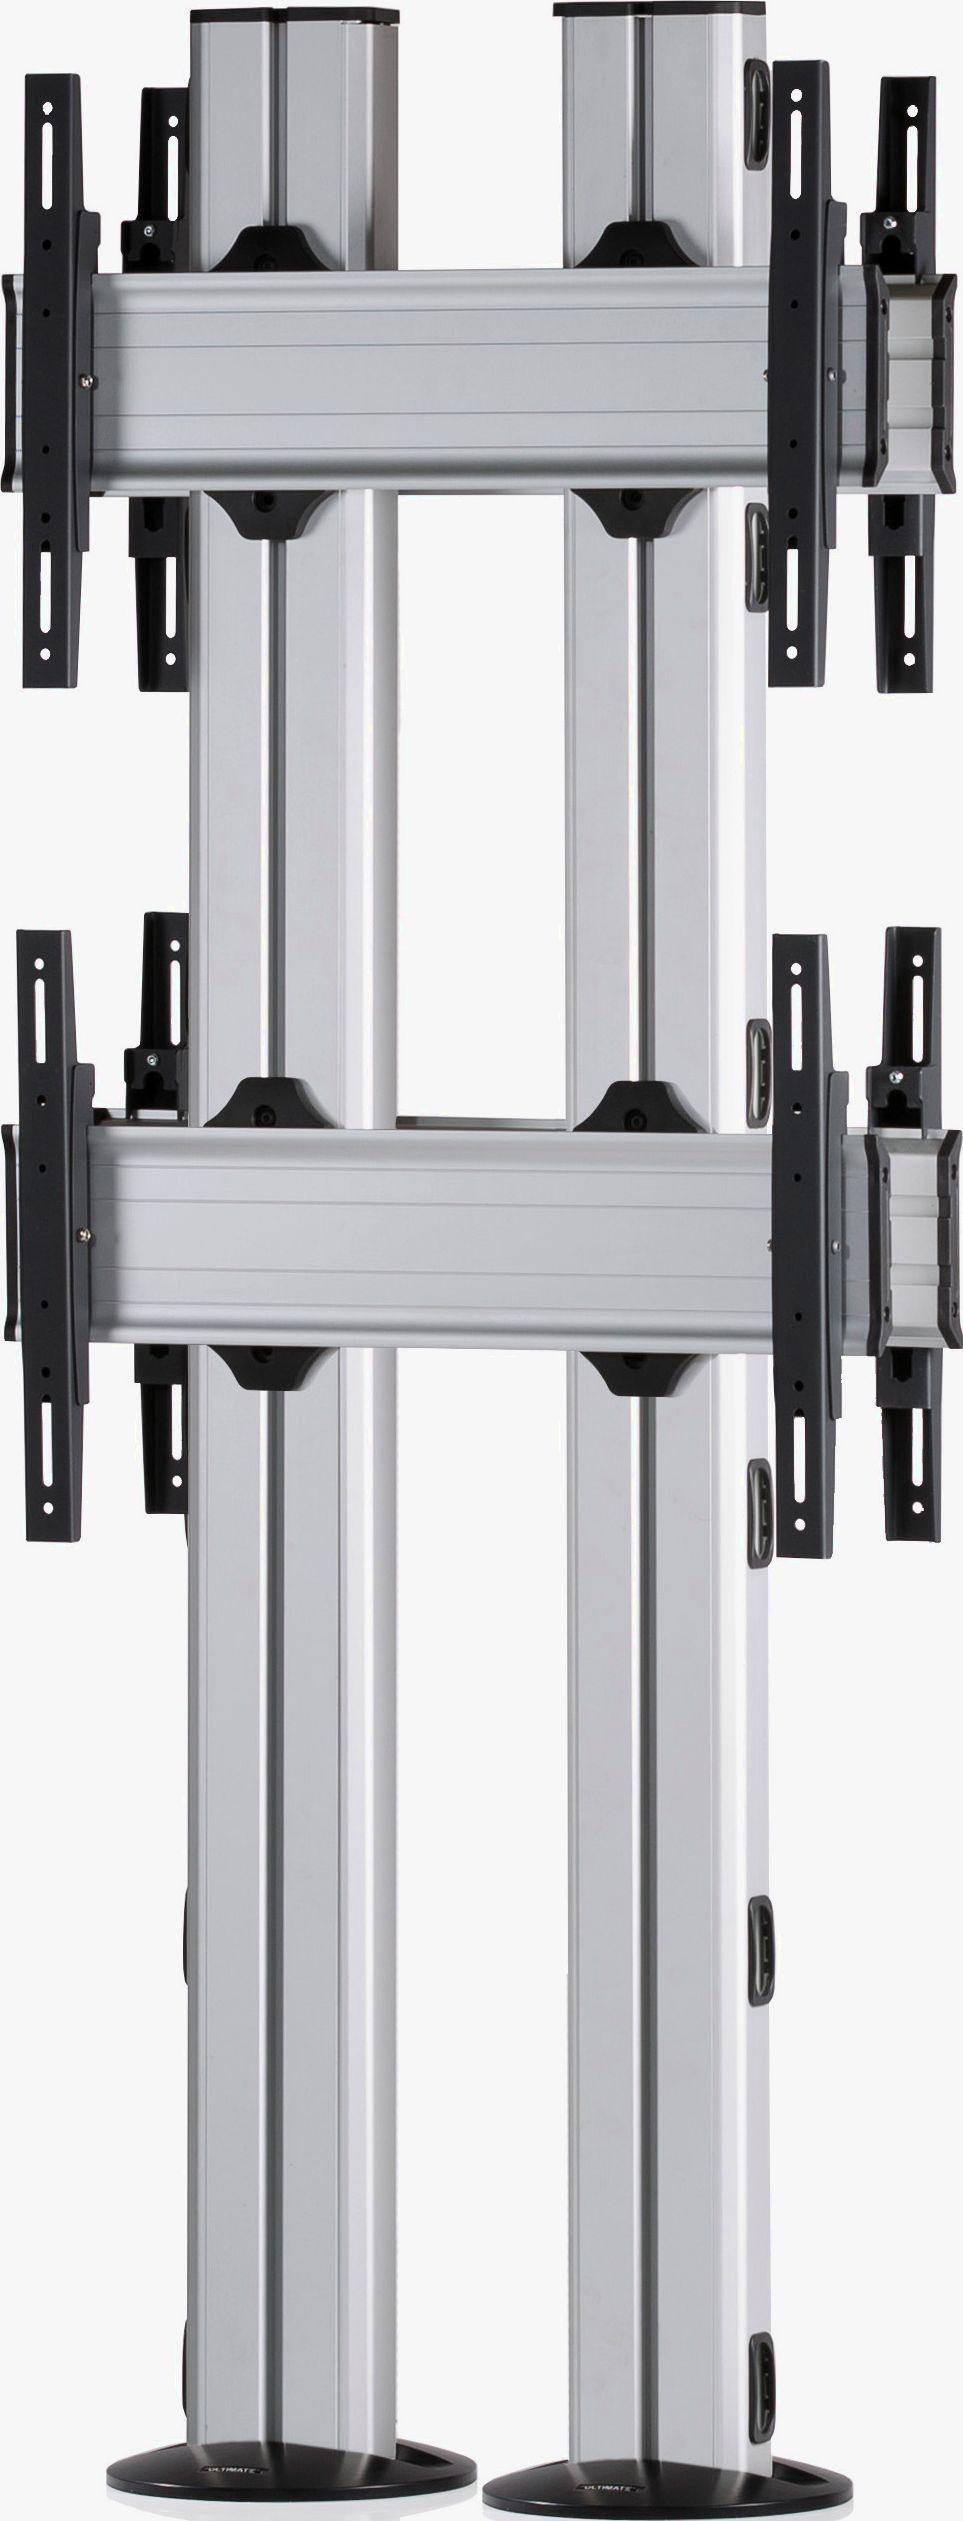 4 Displays 2×1 beidseitig, für große Bildschirme, Standard-VESA, zur Bodenbefestigung